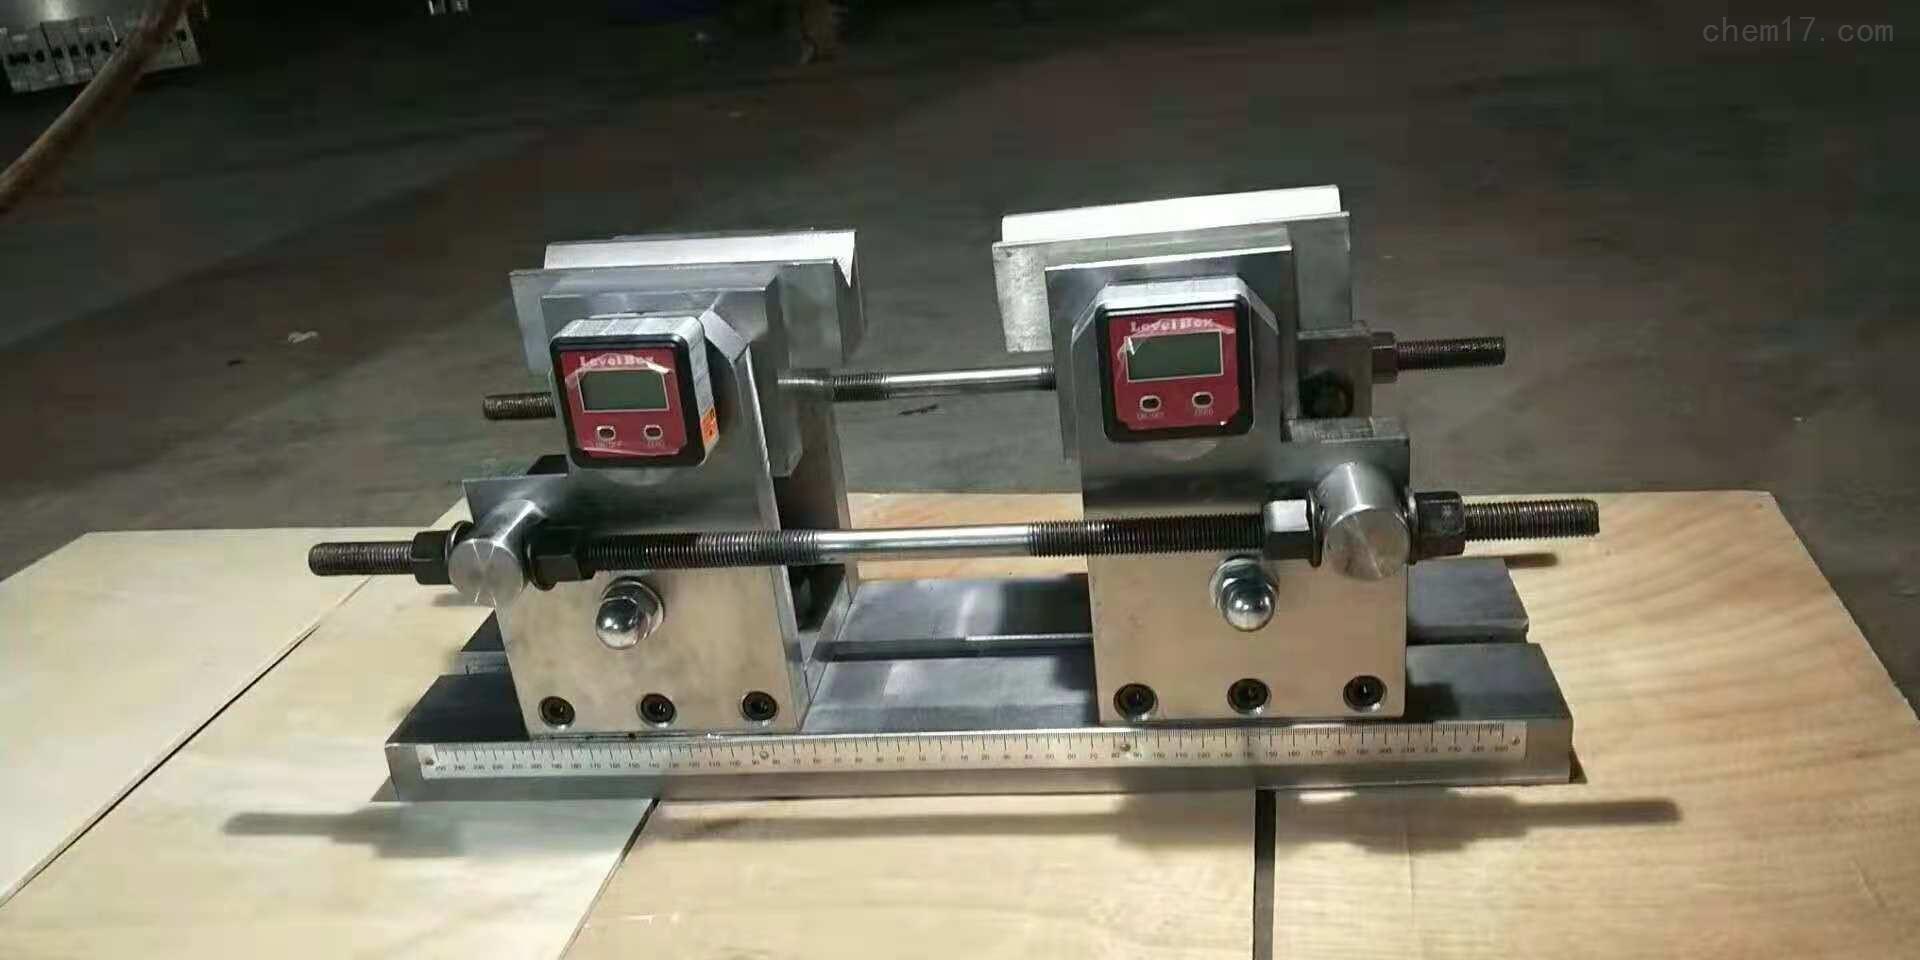 装在万能试验机上用的钢筋反向弯曲试验装置